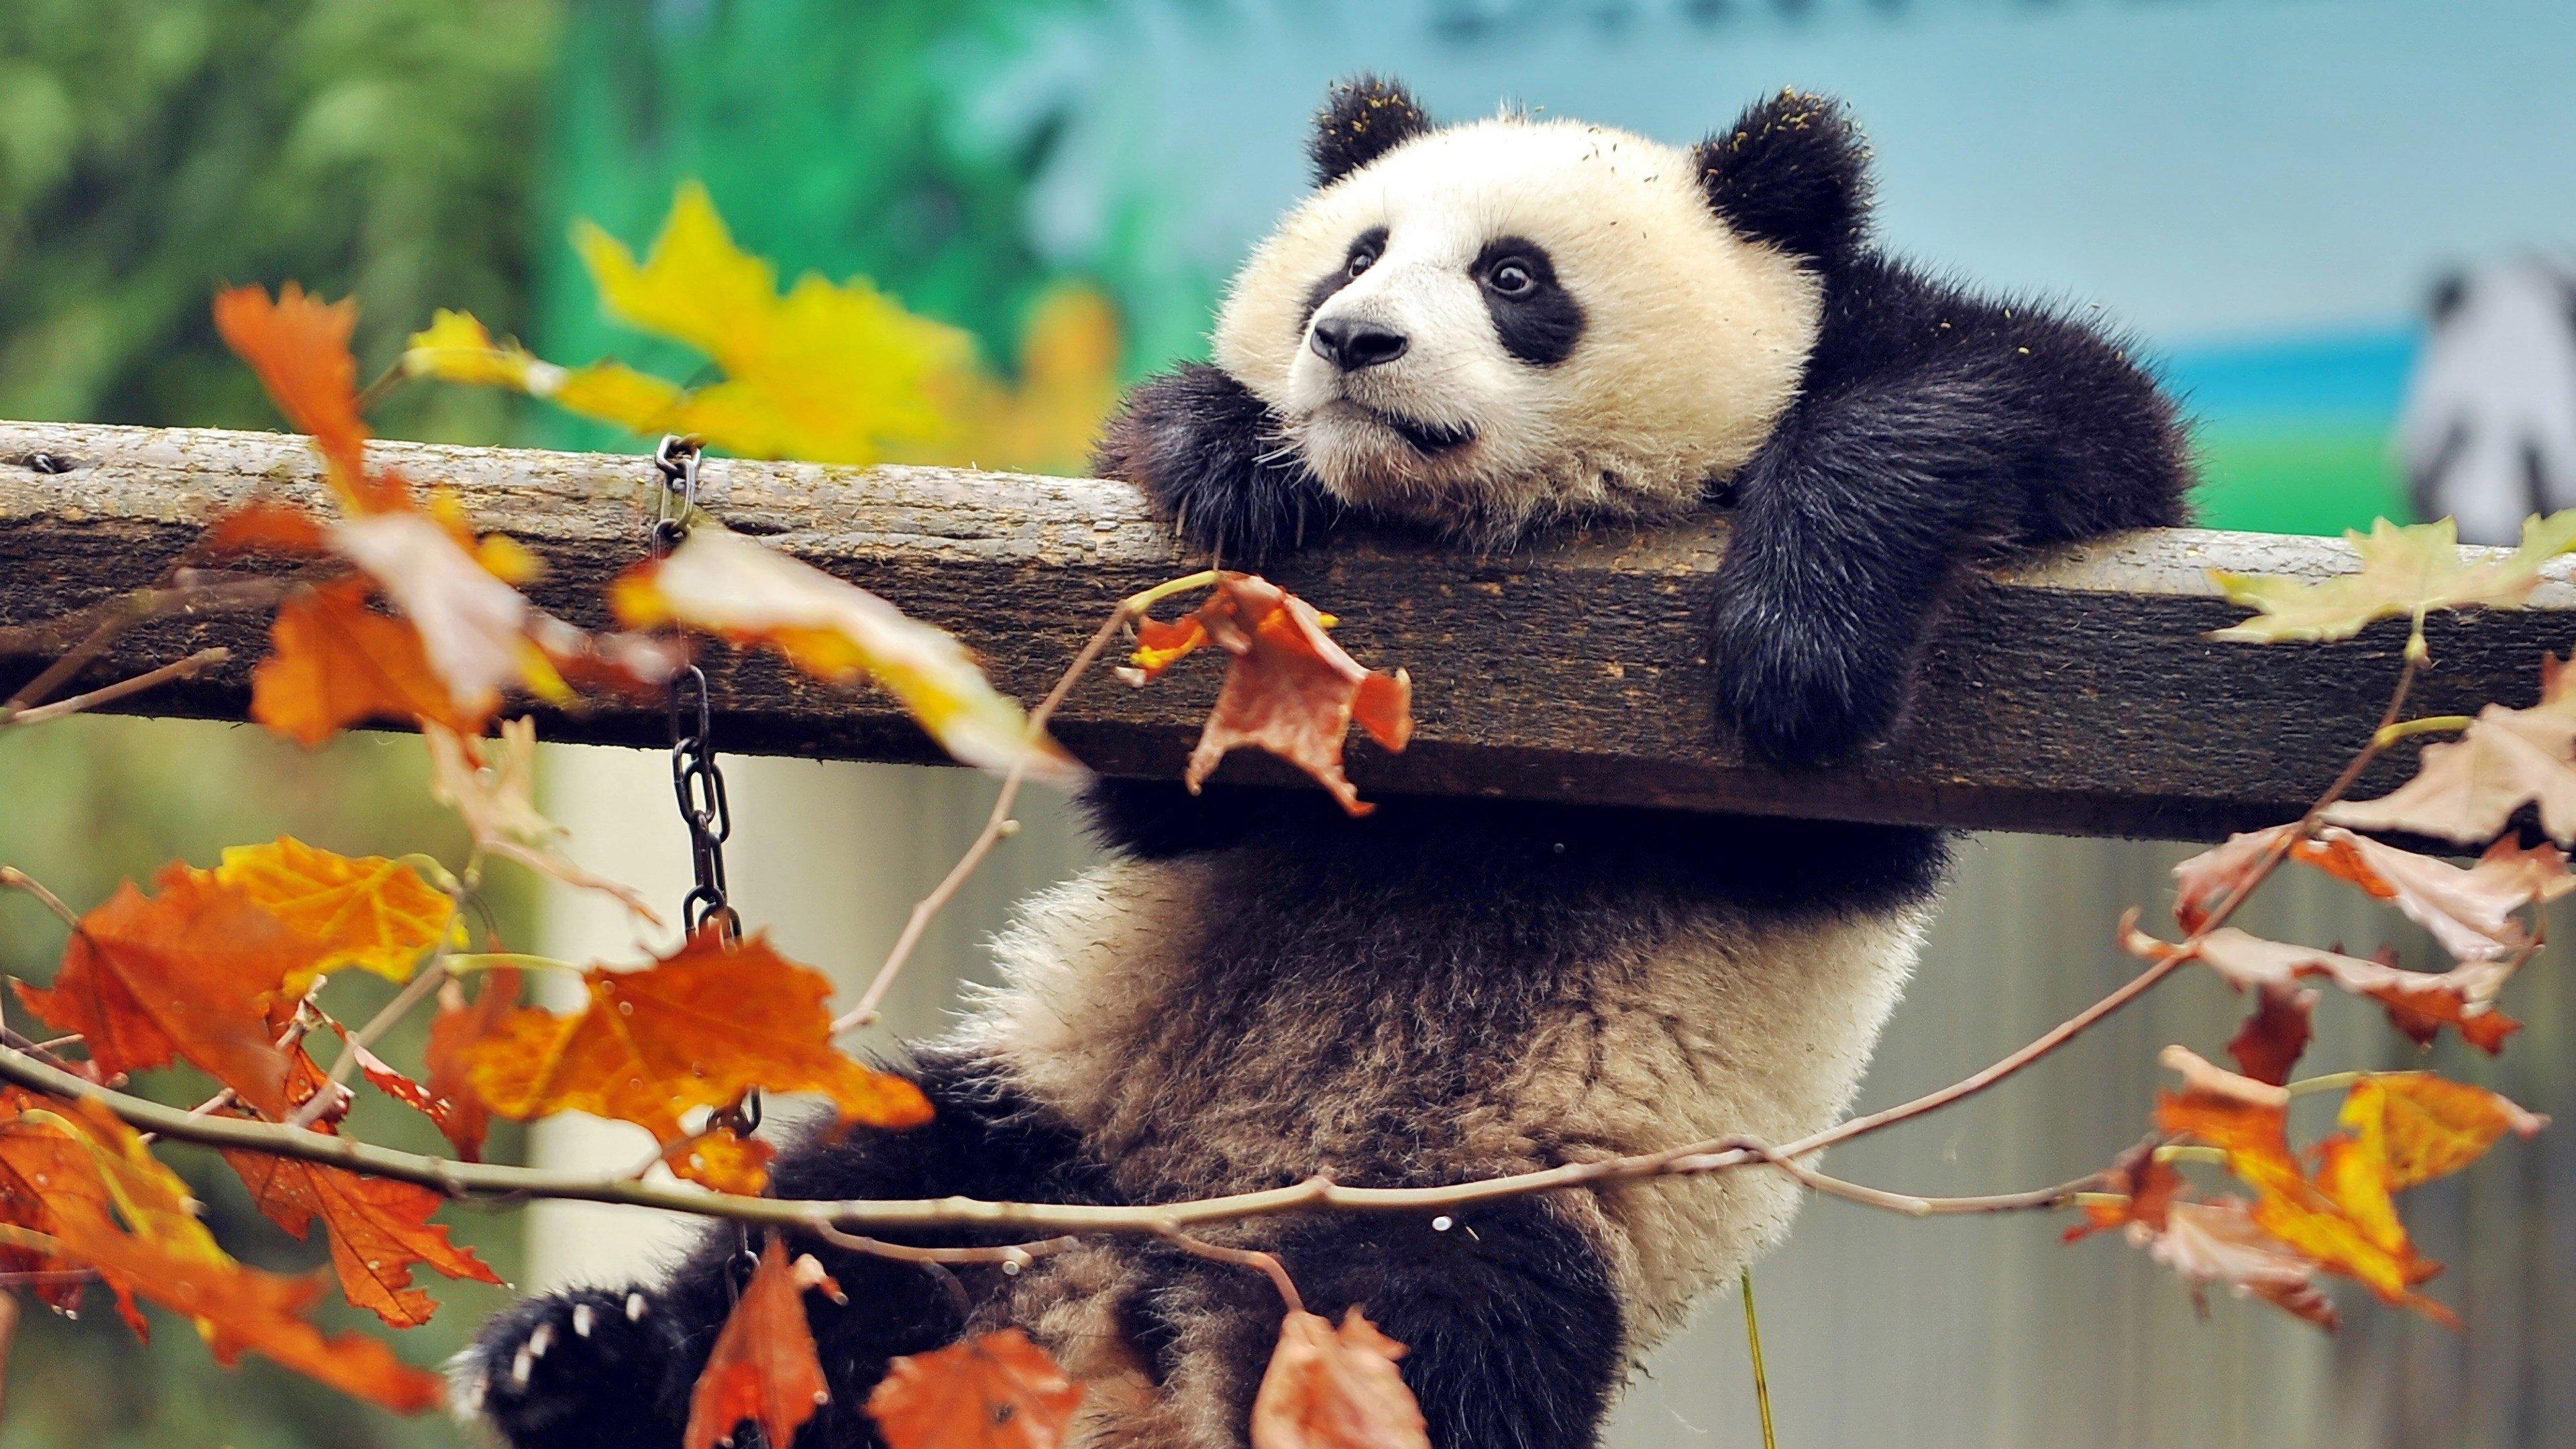 Fondos de pantalla Panda agarrado de una rama